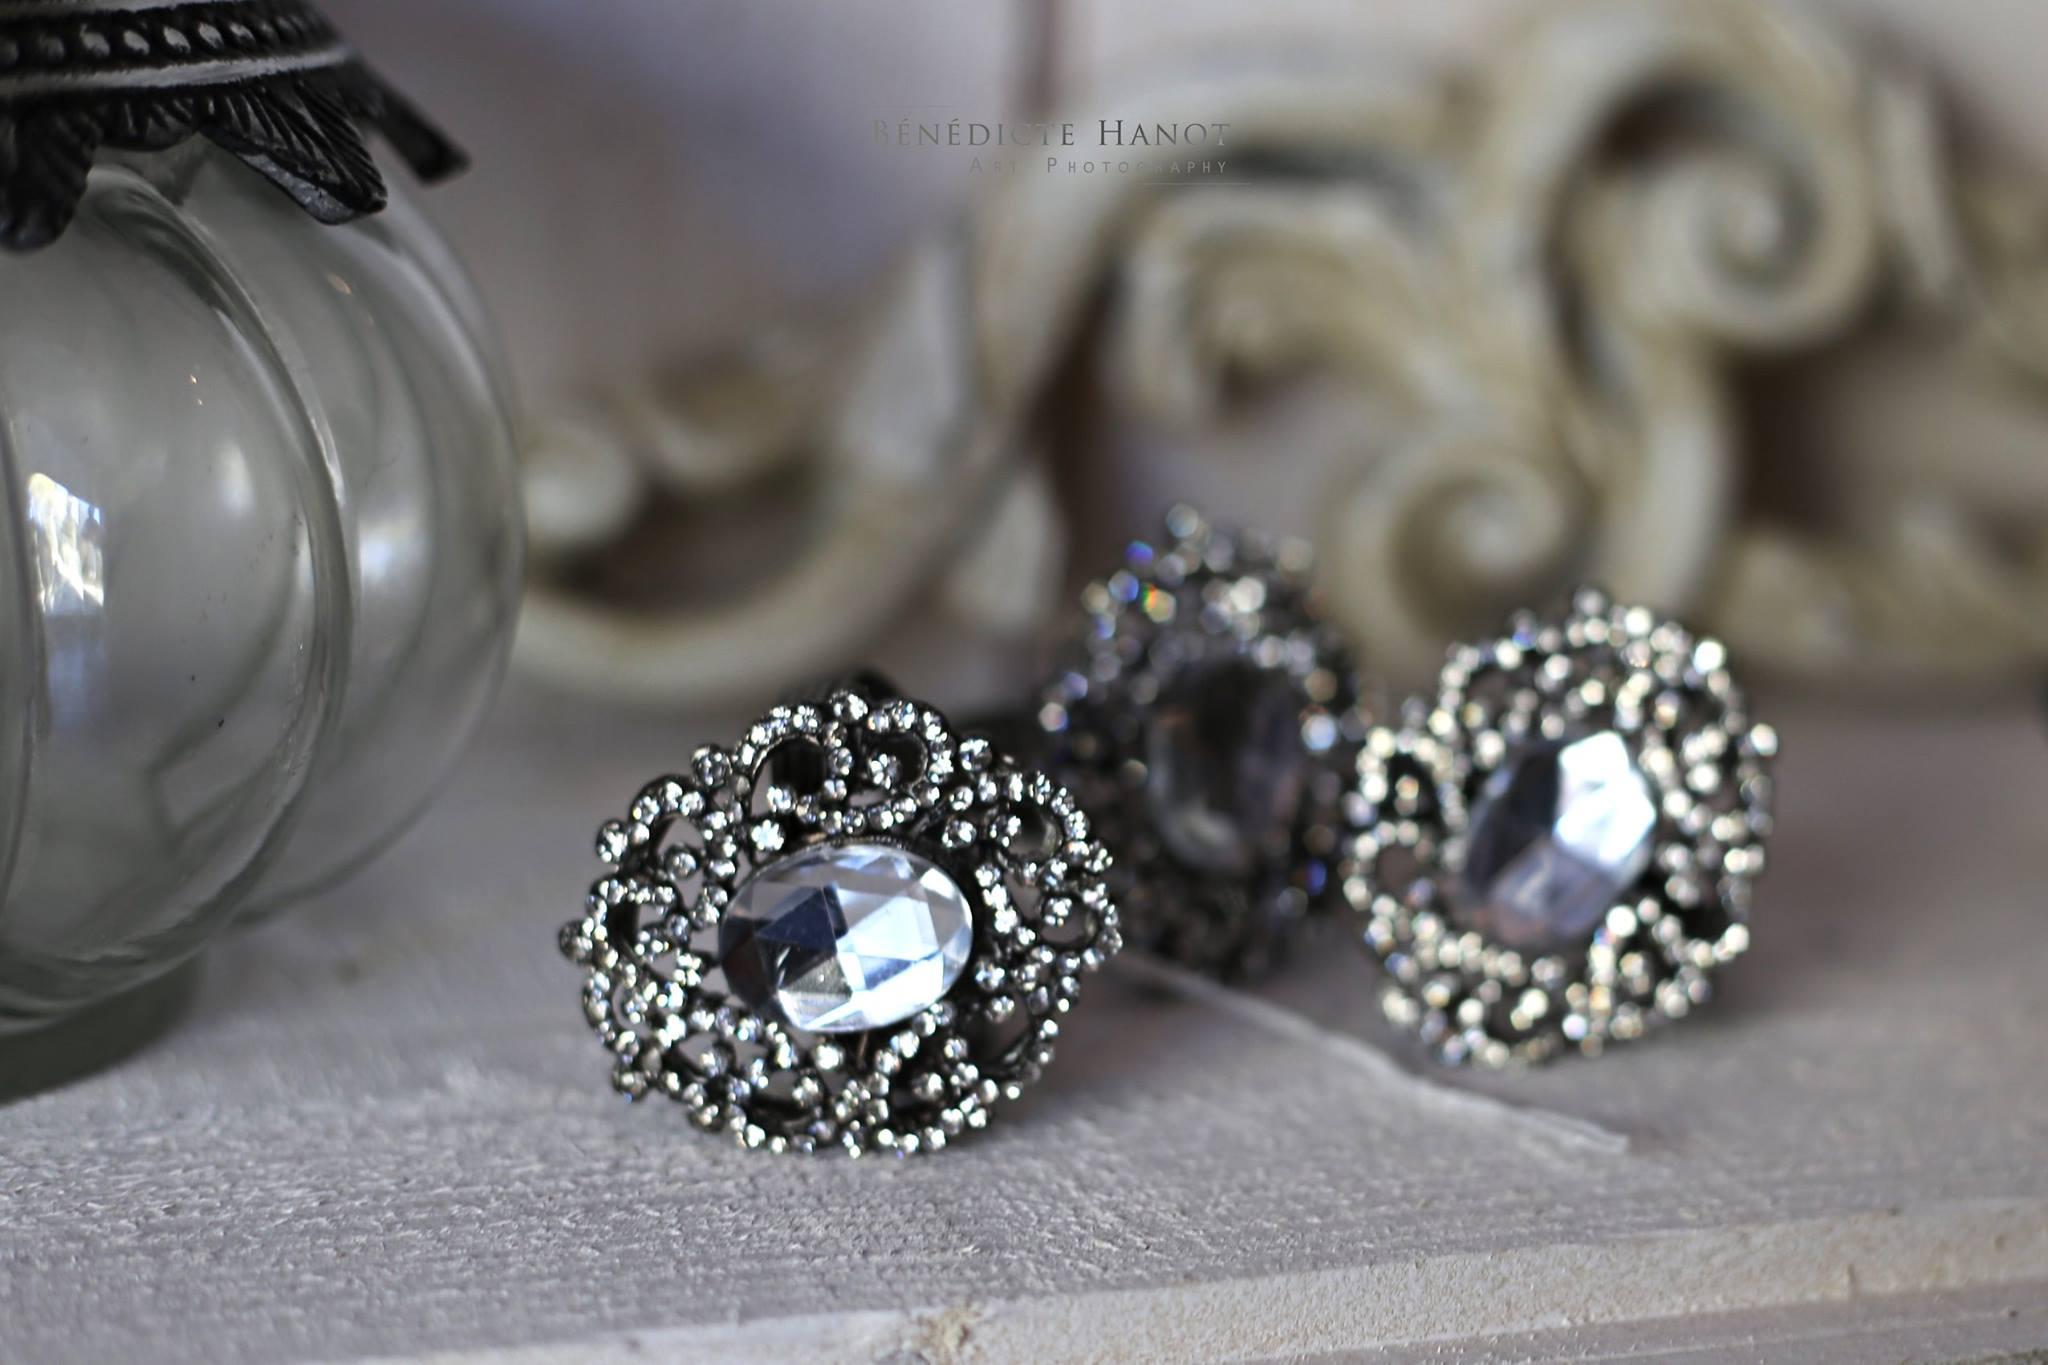 rond-de-serviettes-romantique-strass-perle-fete-de-noel-table-de-noel-boutique-le-grenier-dalice